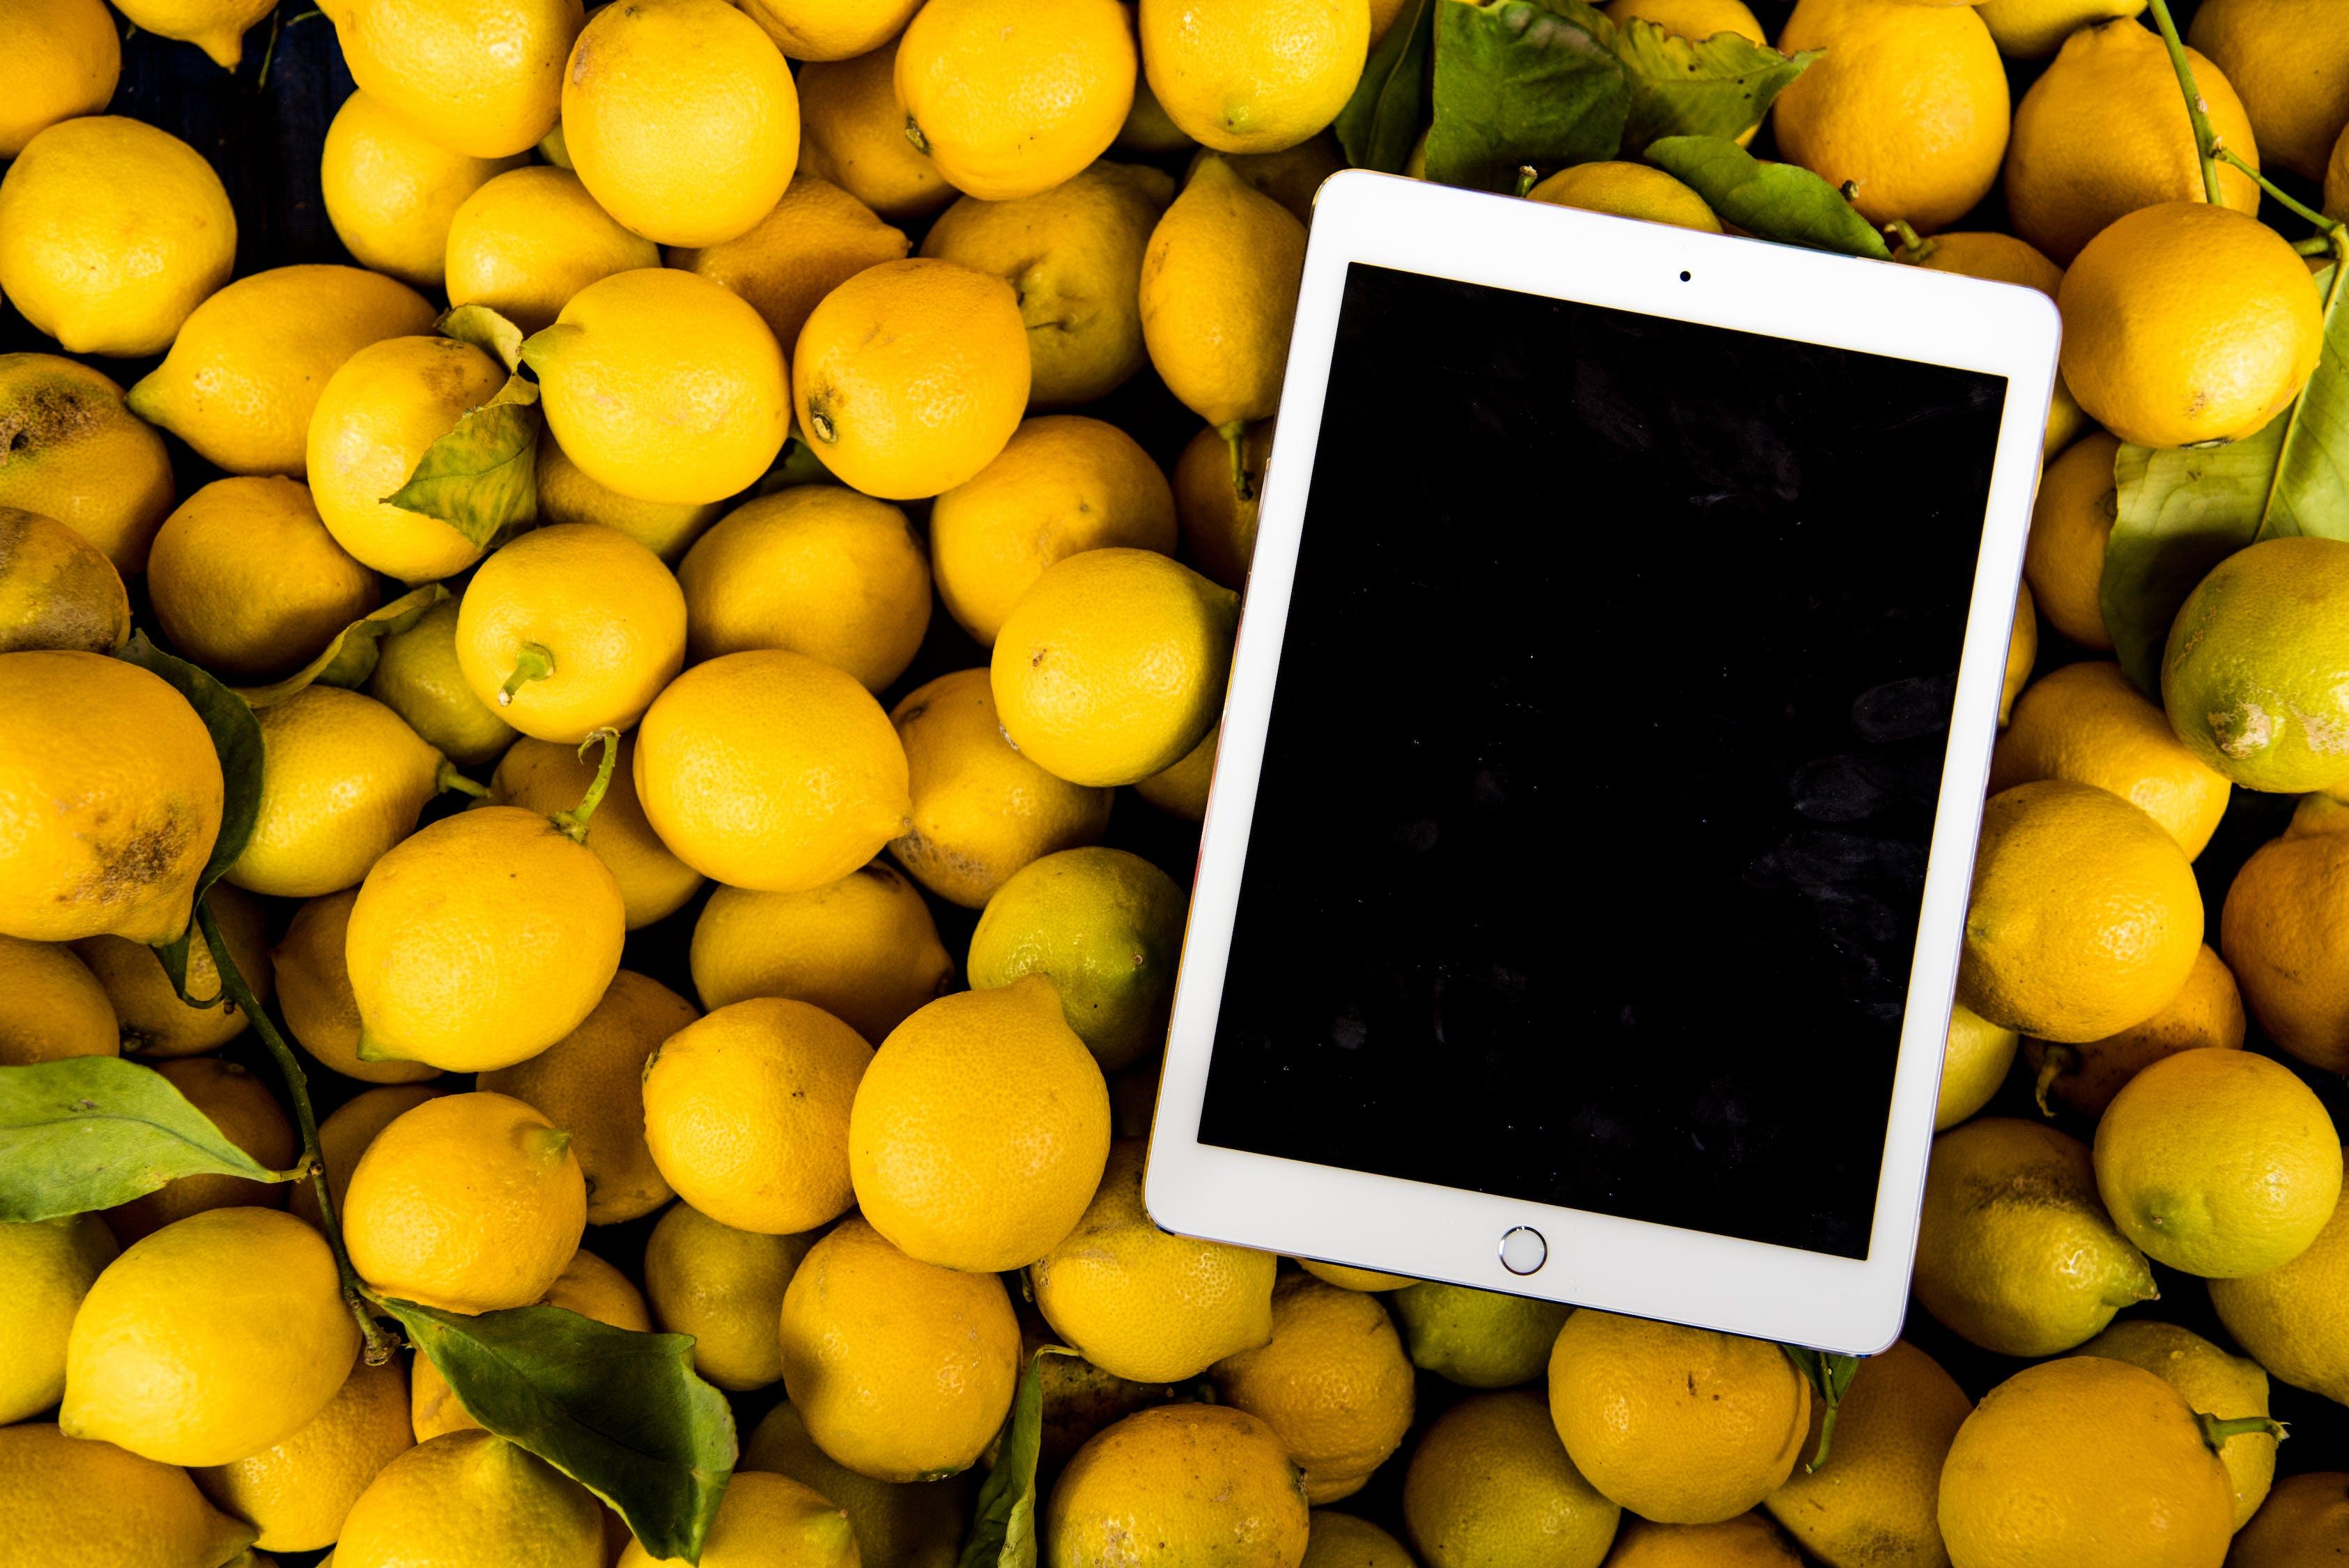 Gratis stockfoto met apple, apple tablet, boerenbedrijf